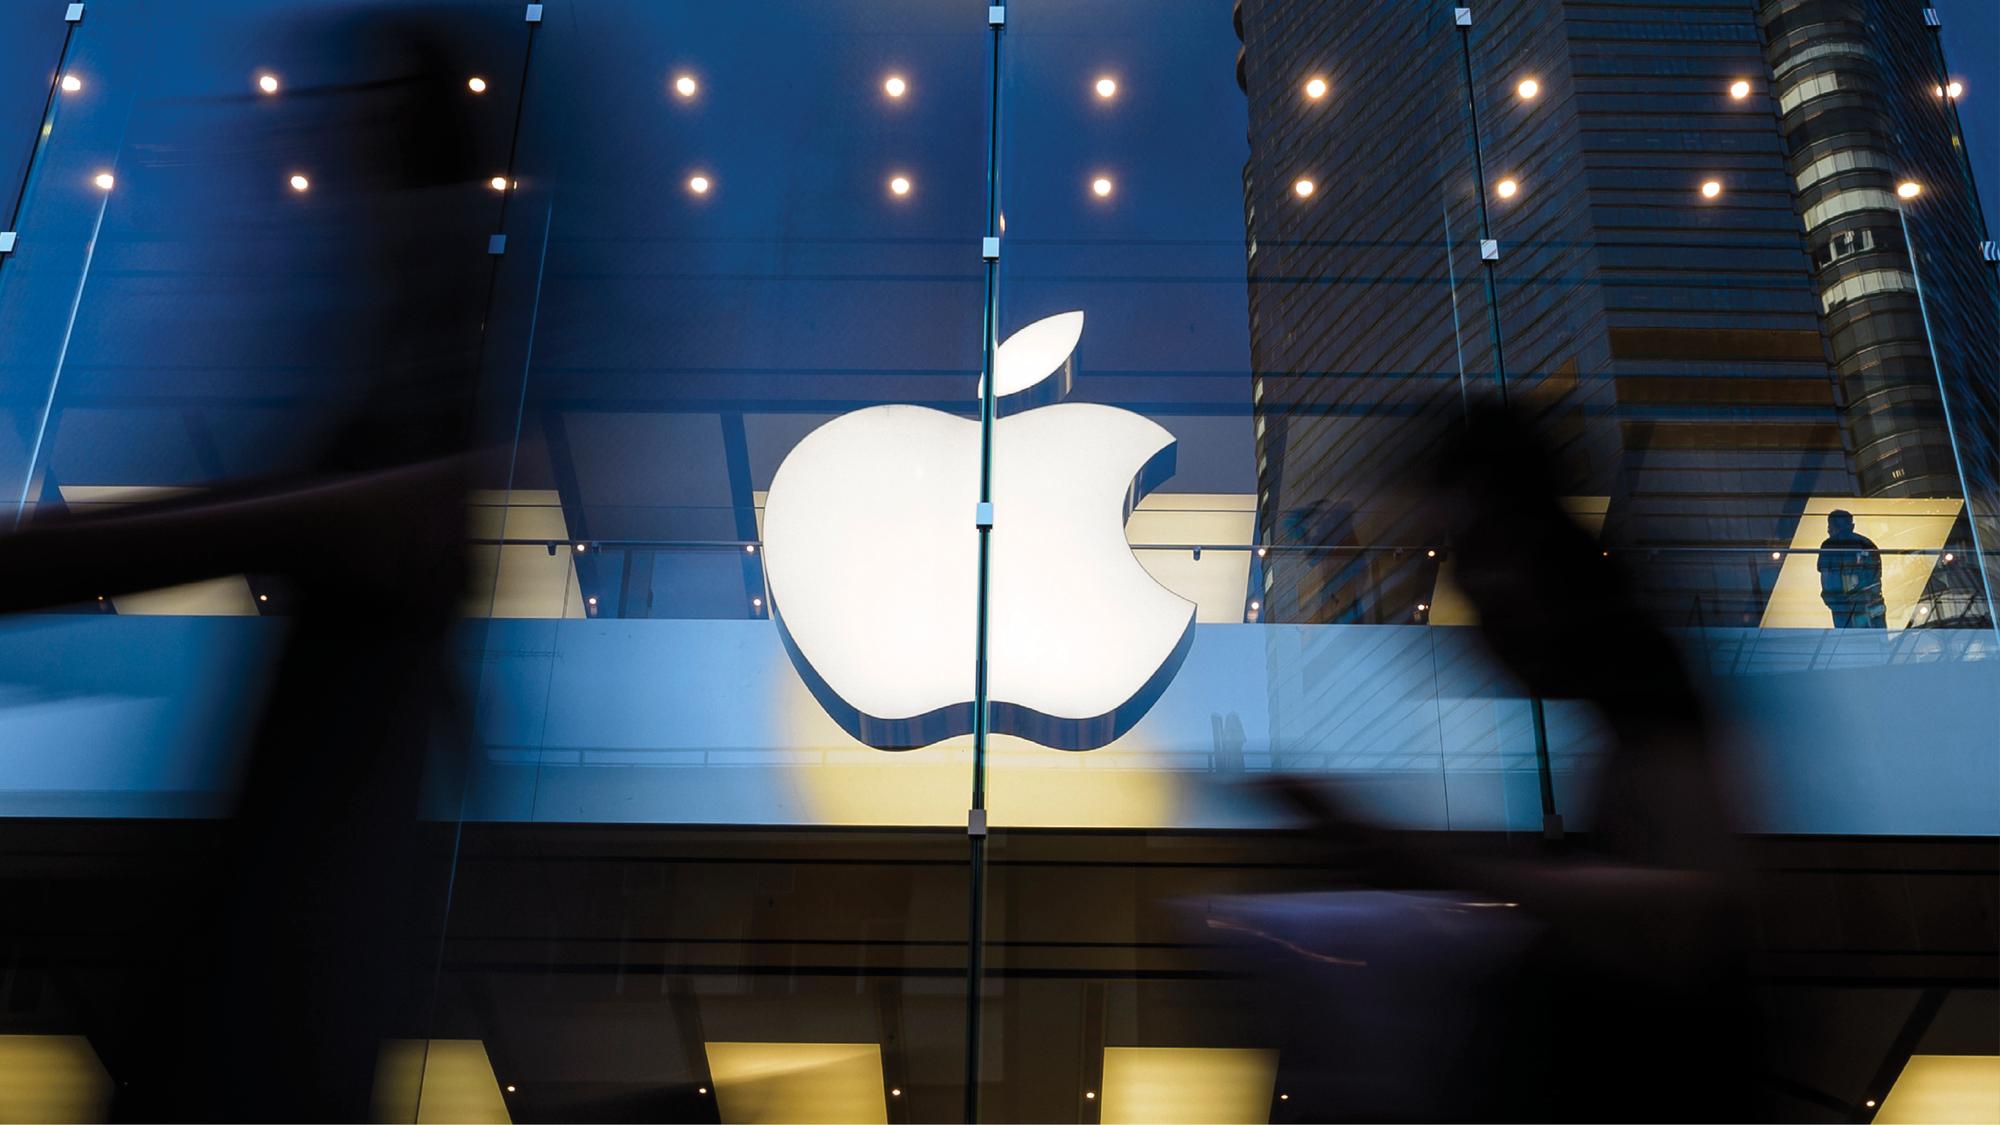 Apple và Sharp cân nhắc mua lại nhà máy sản xuất màn hình cho iPhone 2020 - Ảnh 1.